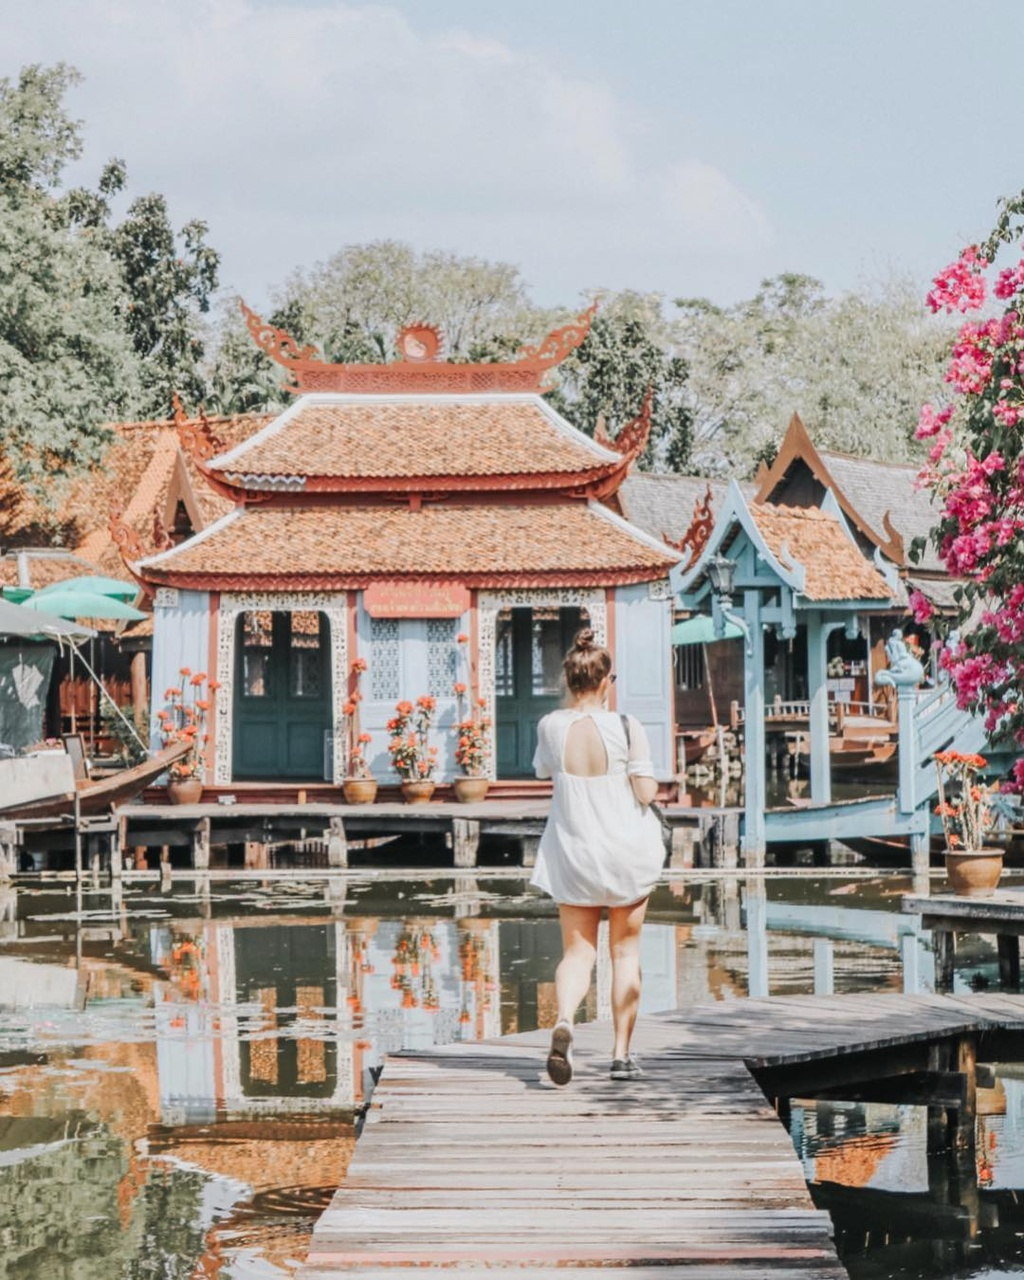 Thuy quai bao quanh ngoi den trong thanh co o Thai Lan hinh anh 9